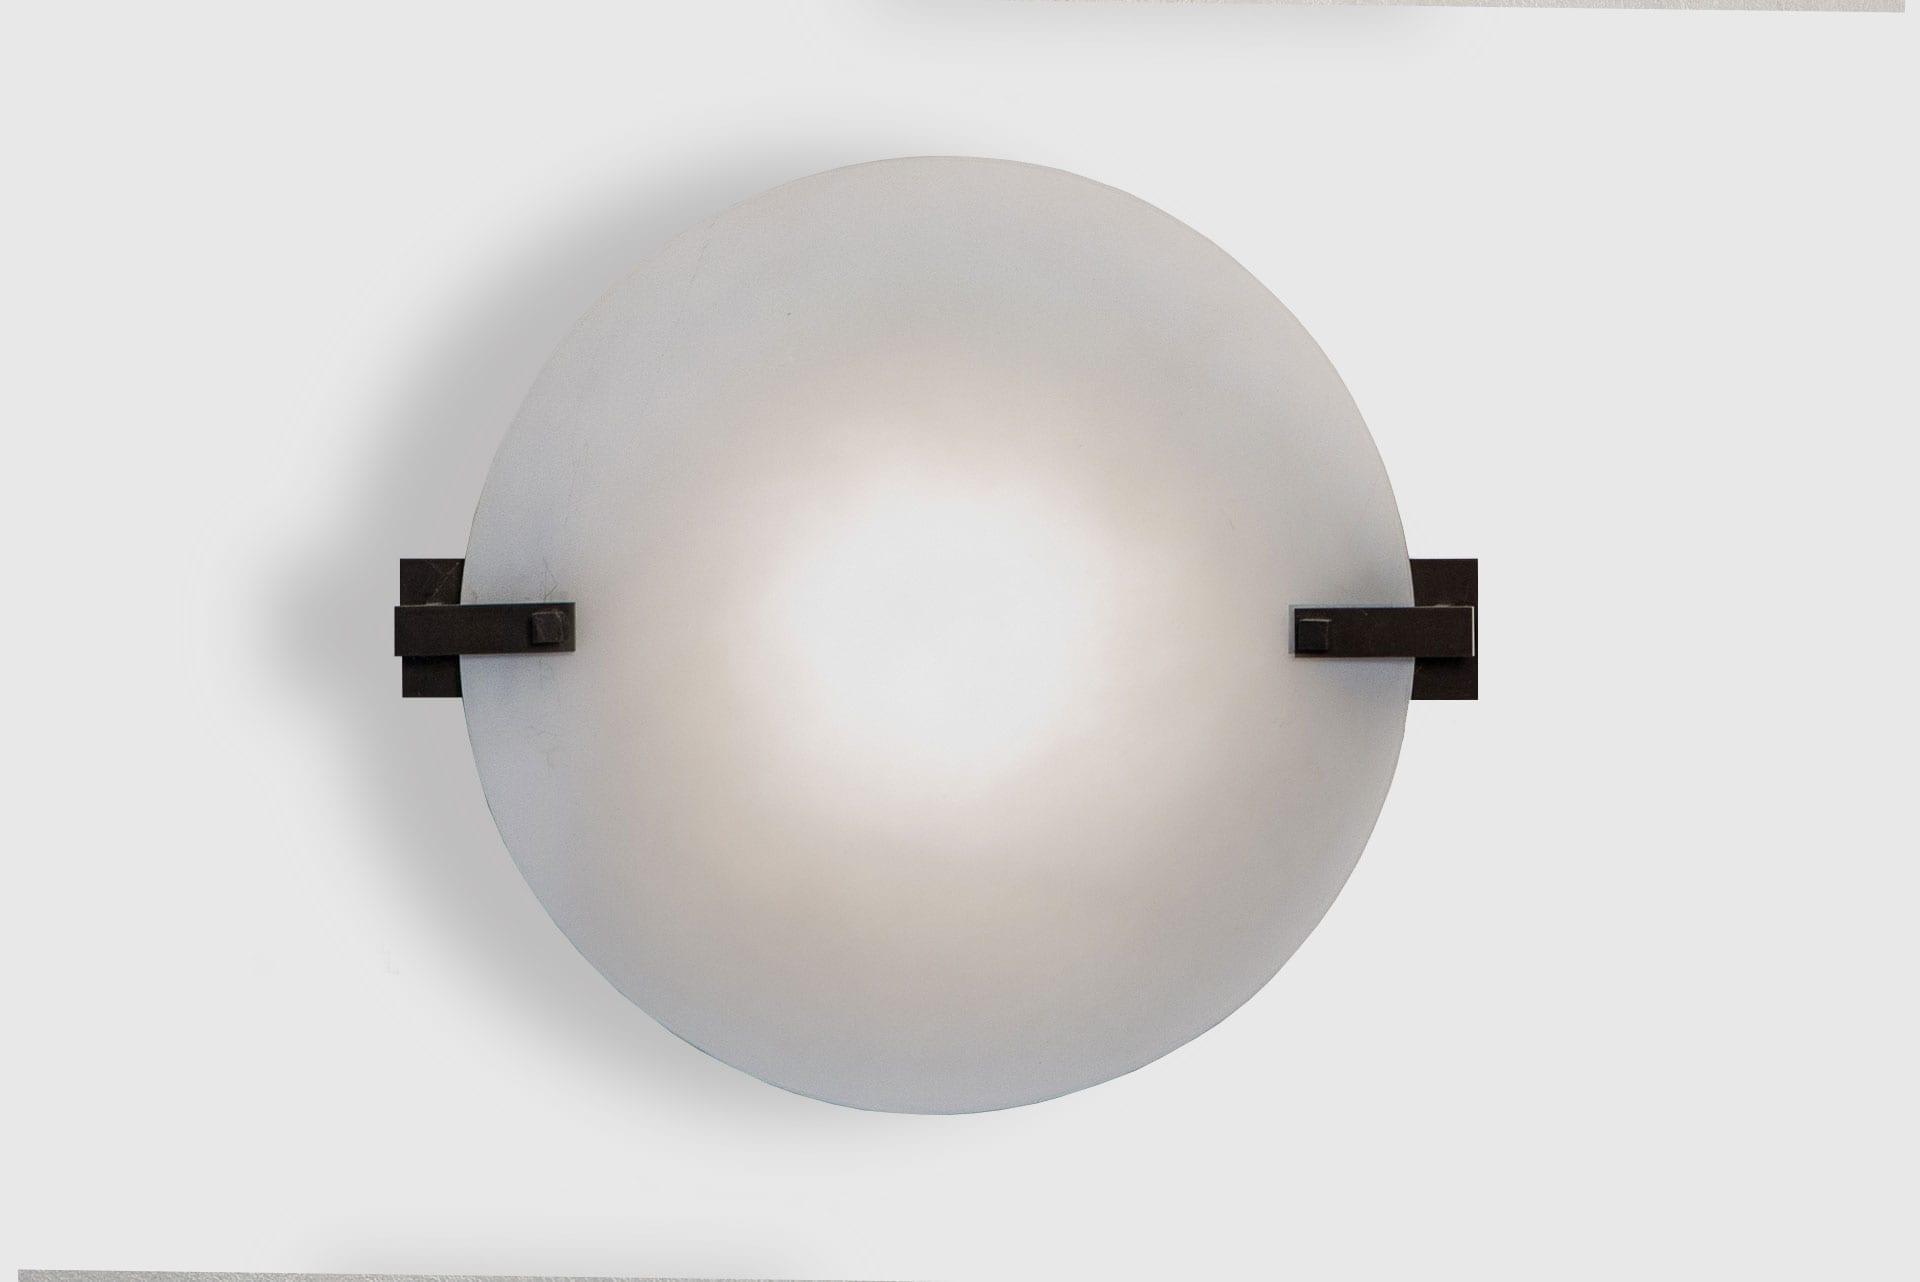 Applique Sandrine Ronde par Laurent Bourgois pour CSLB Studio - The Invisible Collection